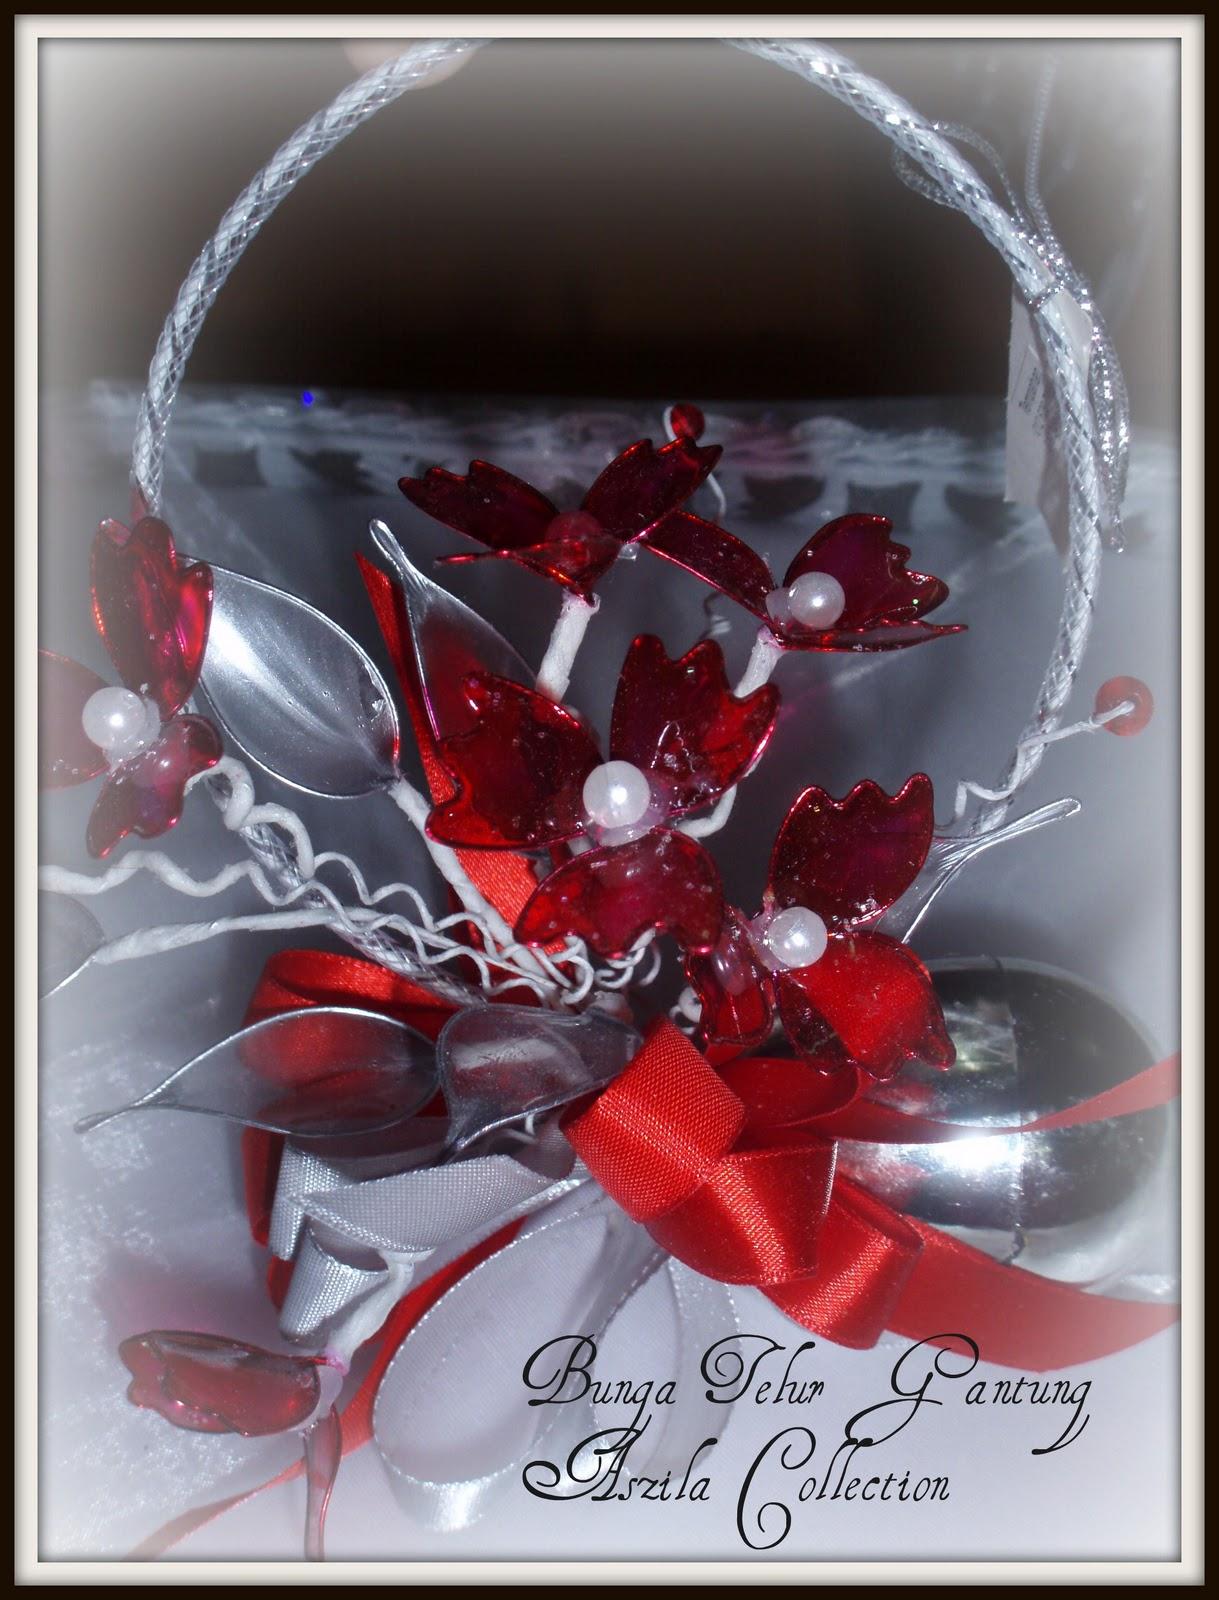 Gerbang Perkahwinan Aszila Bunga Telur Gantung Merah Putih